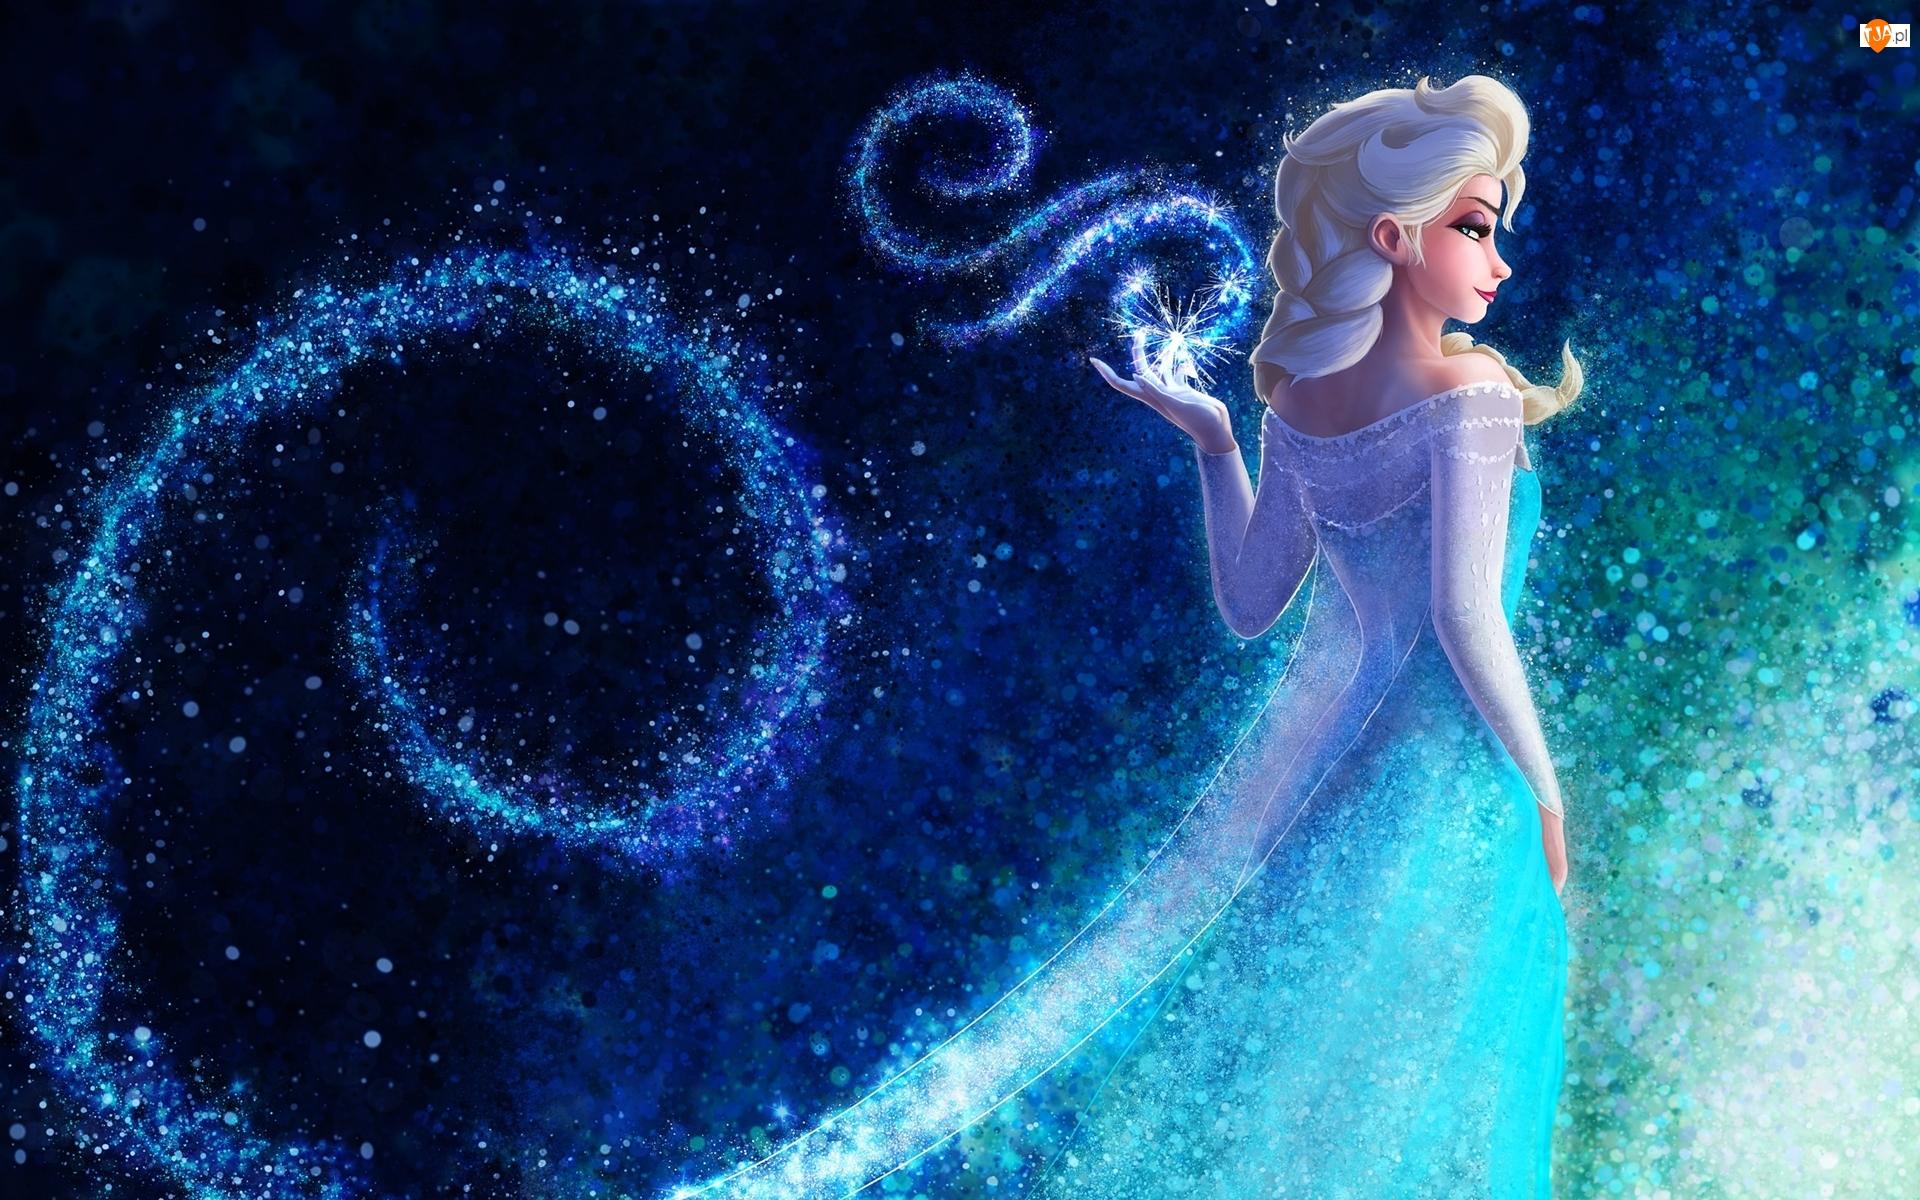 Kraina lodu, Bajka, Postać, Niebieskie tło, Frozen, Elsa